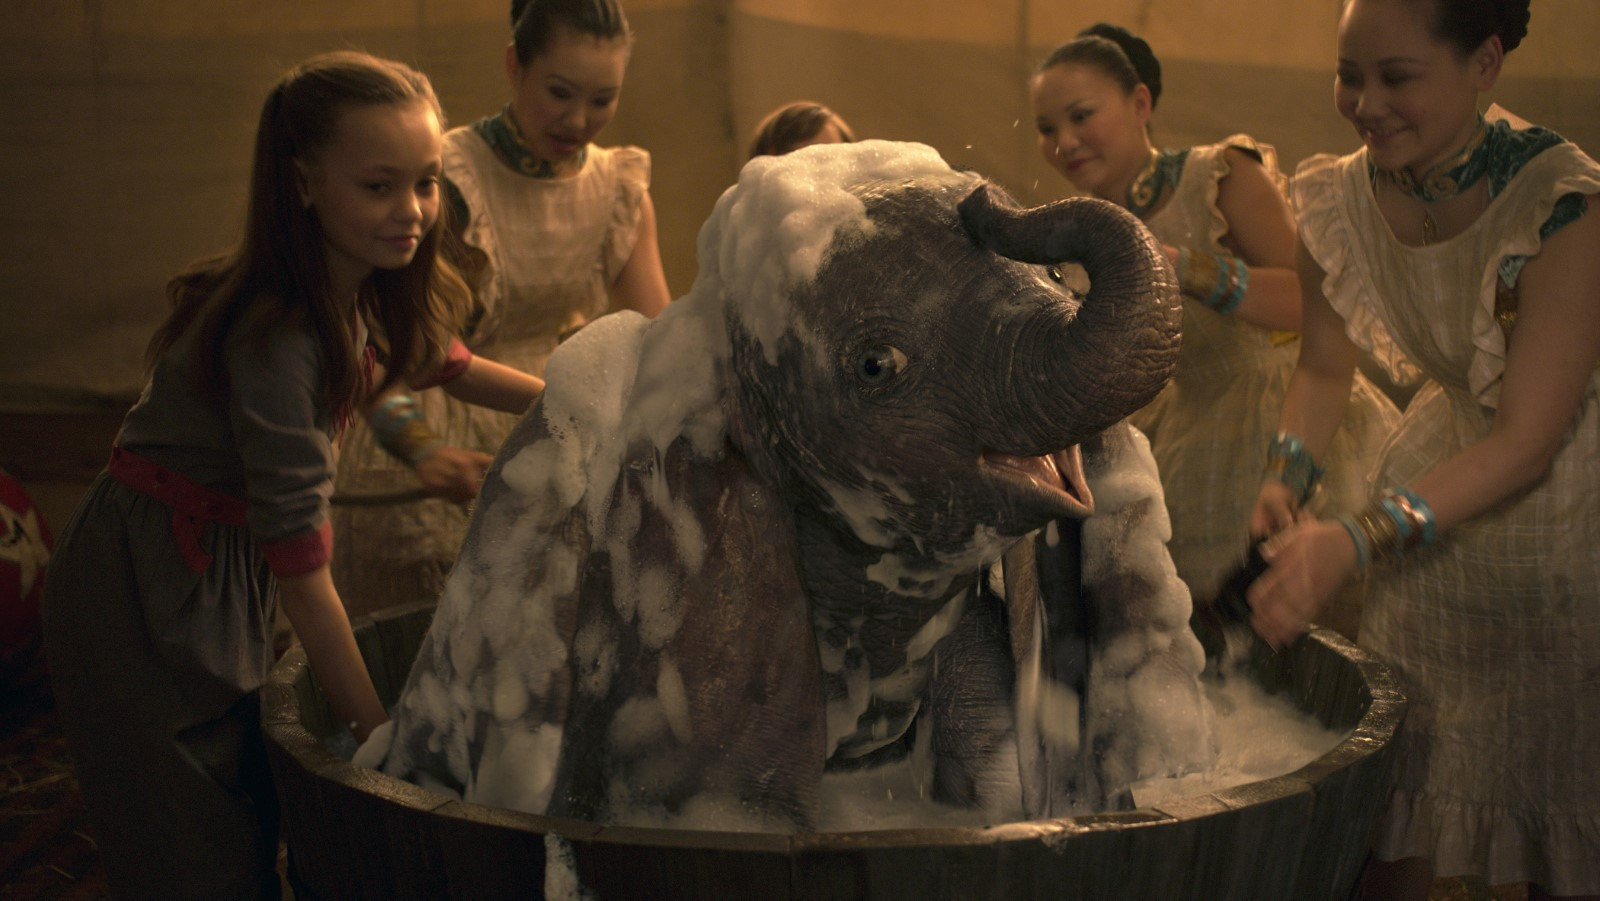 Cena do live-action 'Dumbo', que estreia dia 28 de março nos cinemas brasileiros (Foto: Divulgação)